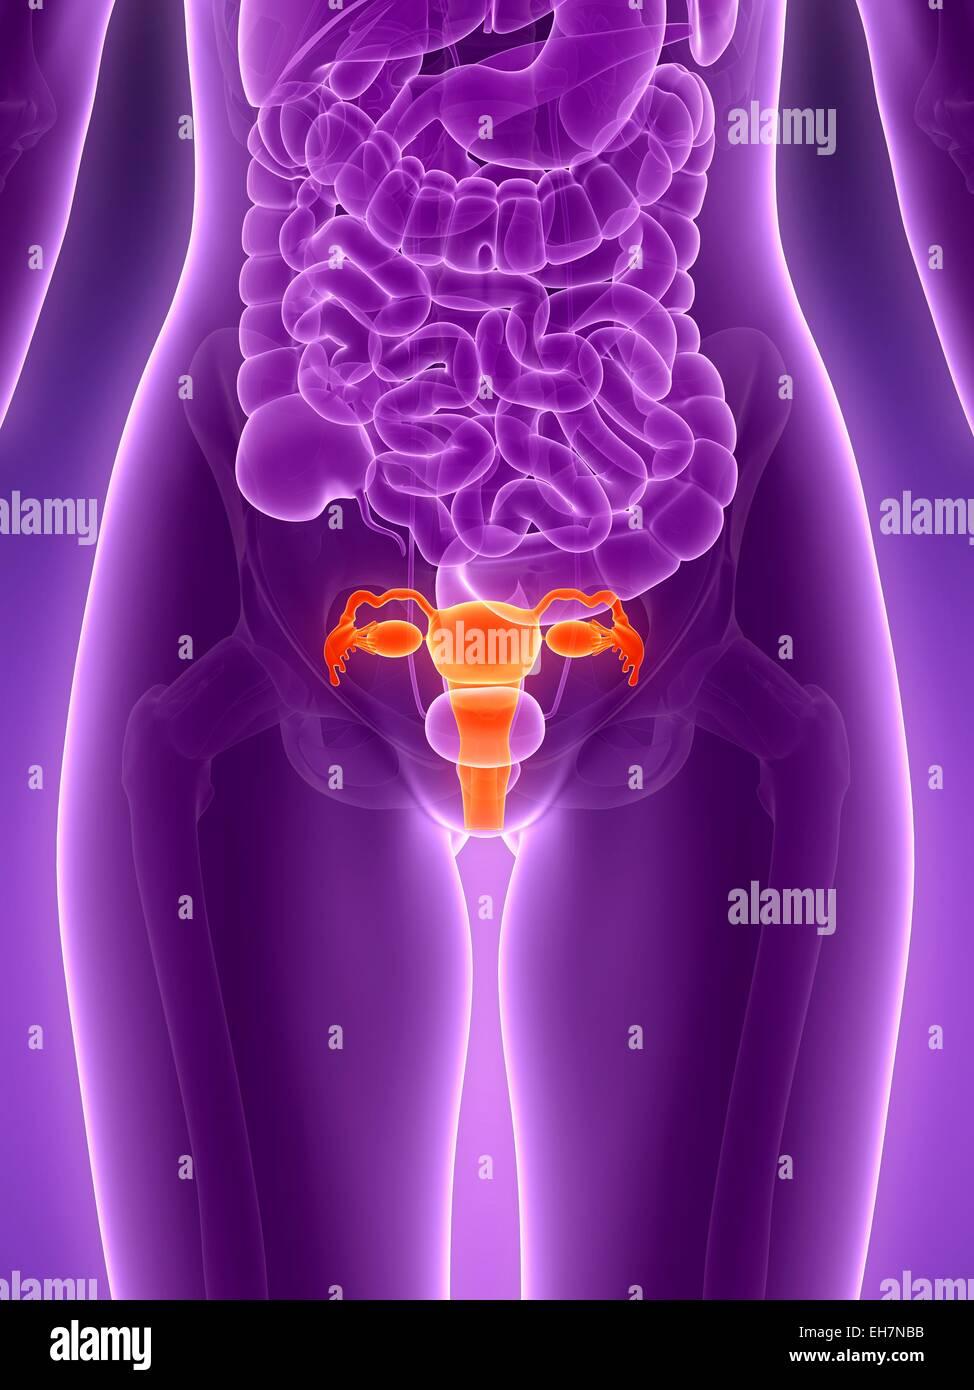 Anatomie der menschlichen Gebärmutter, Abbildung Stockfoto, Bild ...